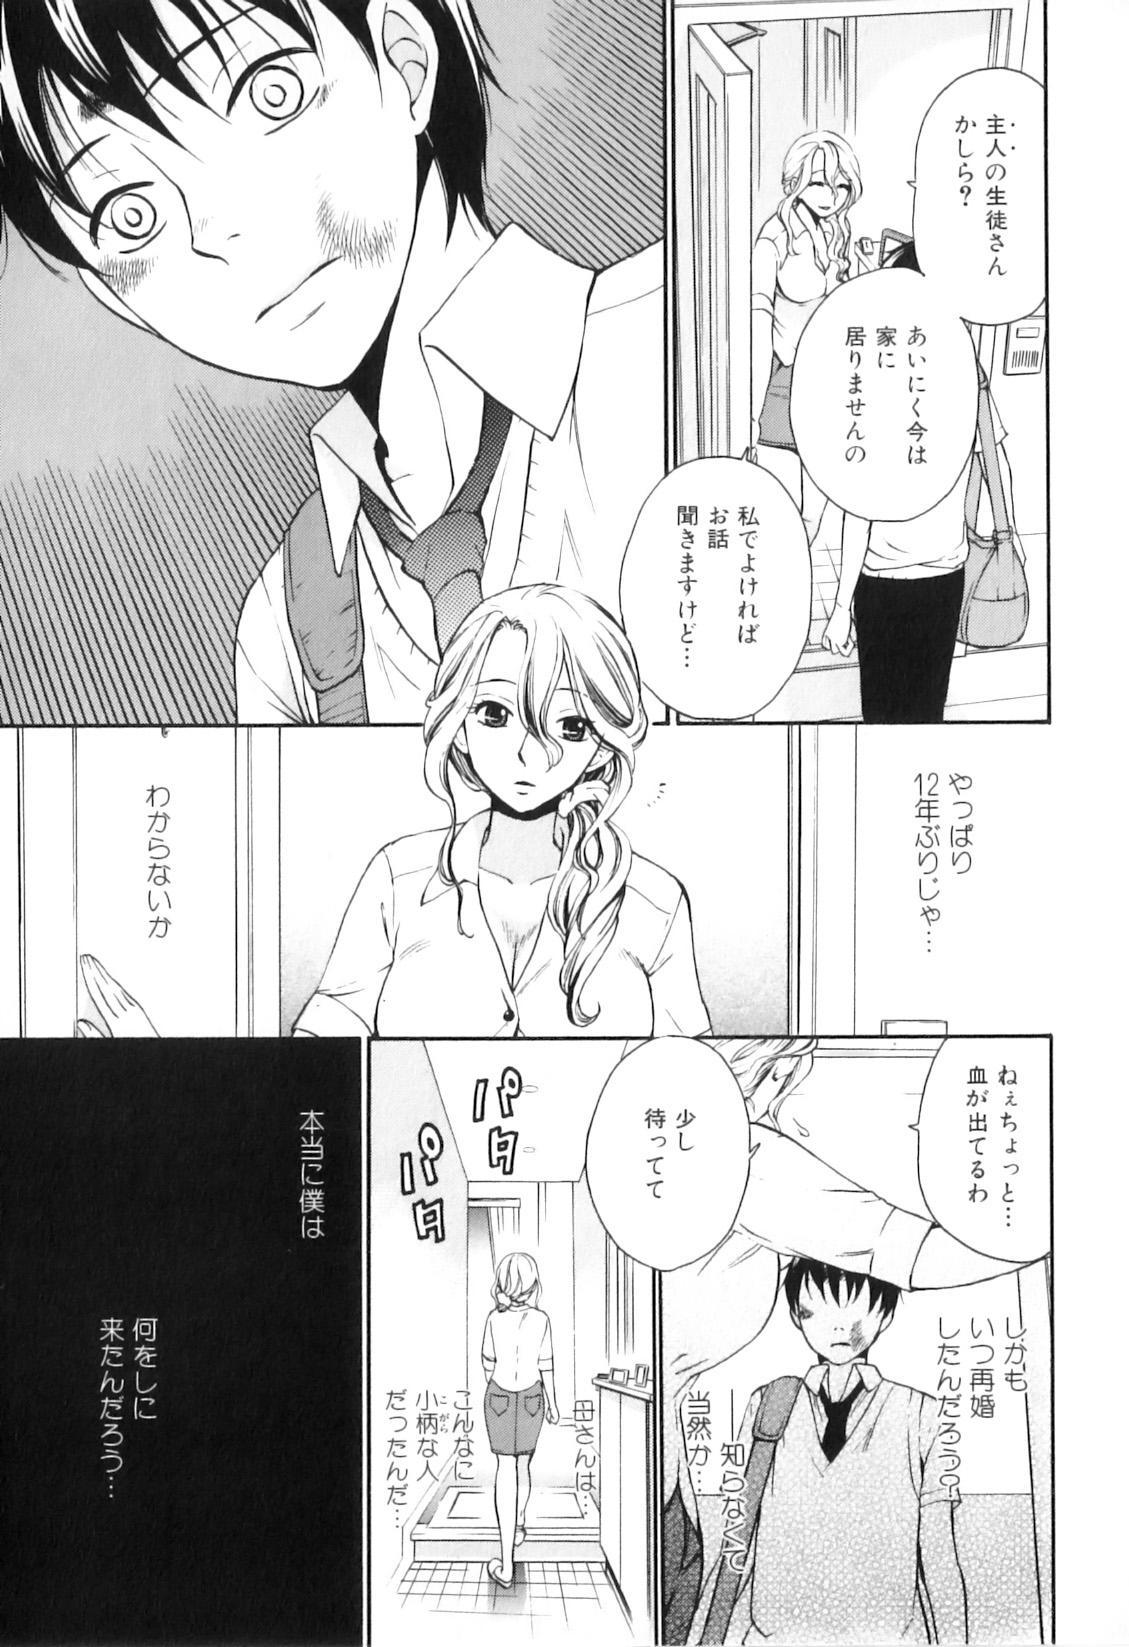 Yokujou Boshi - Desire Mother and Child 70